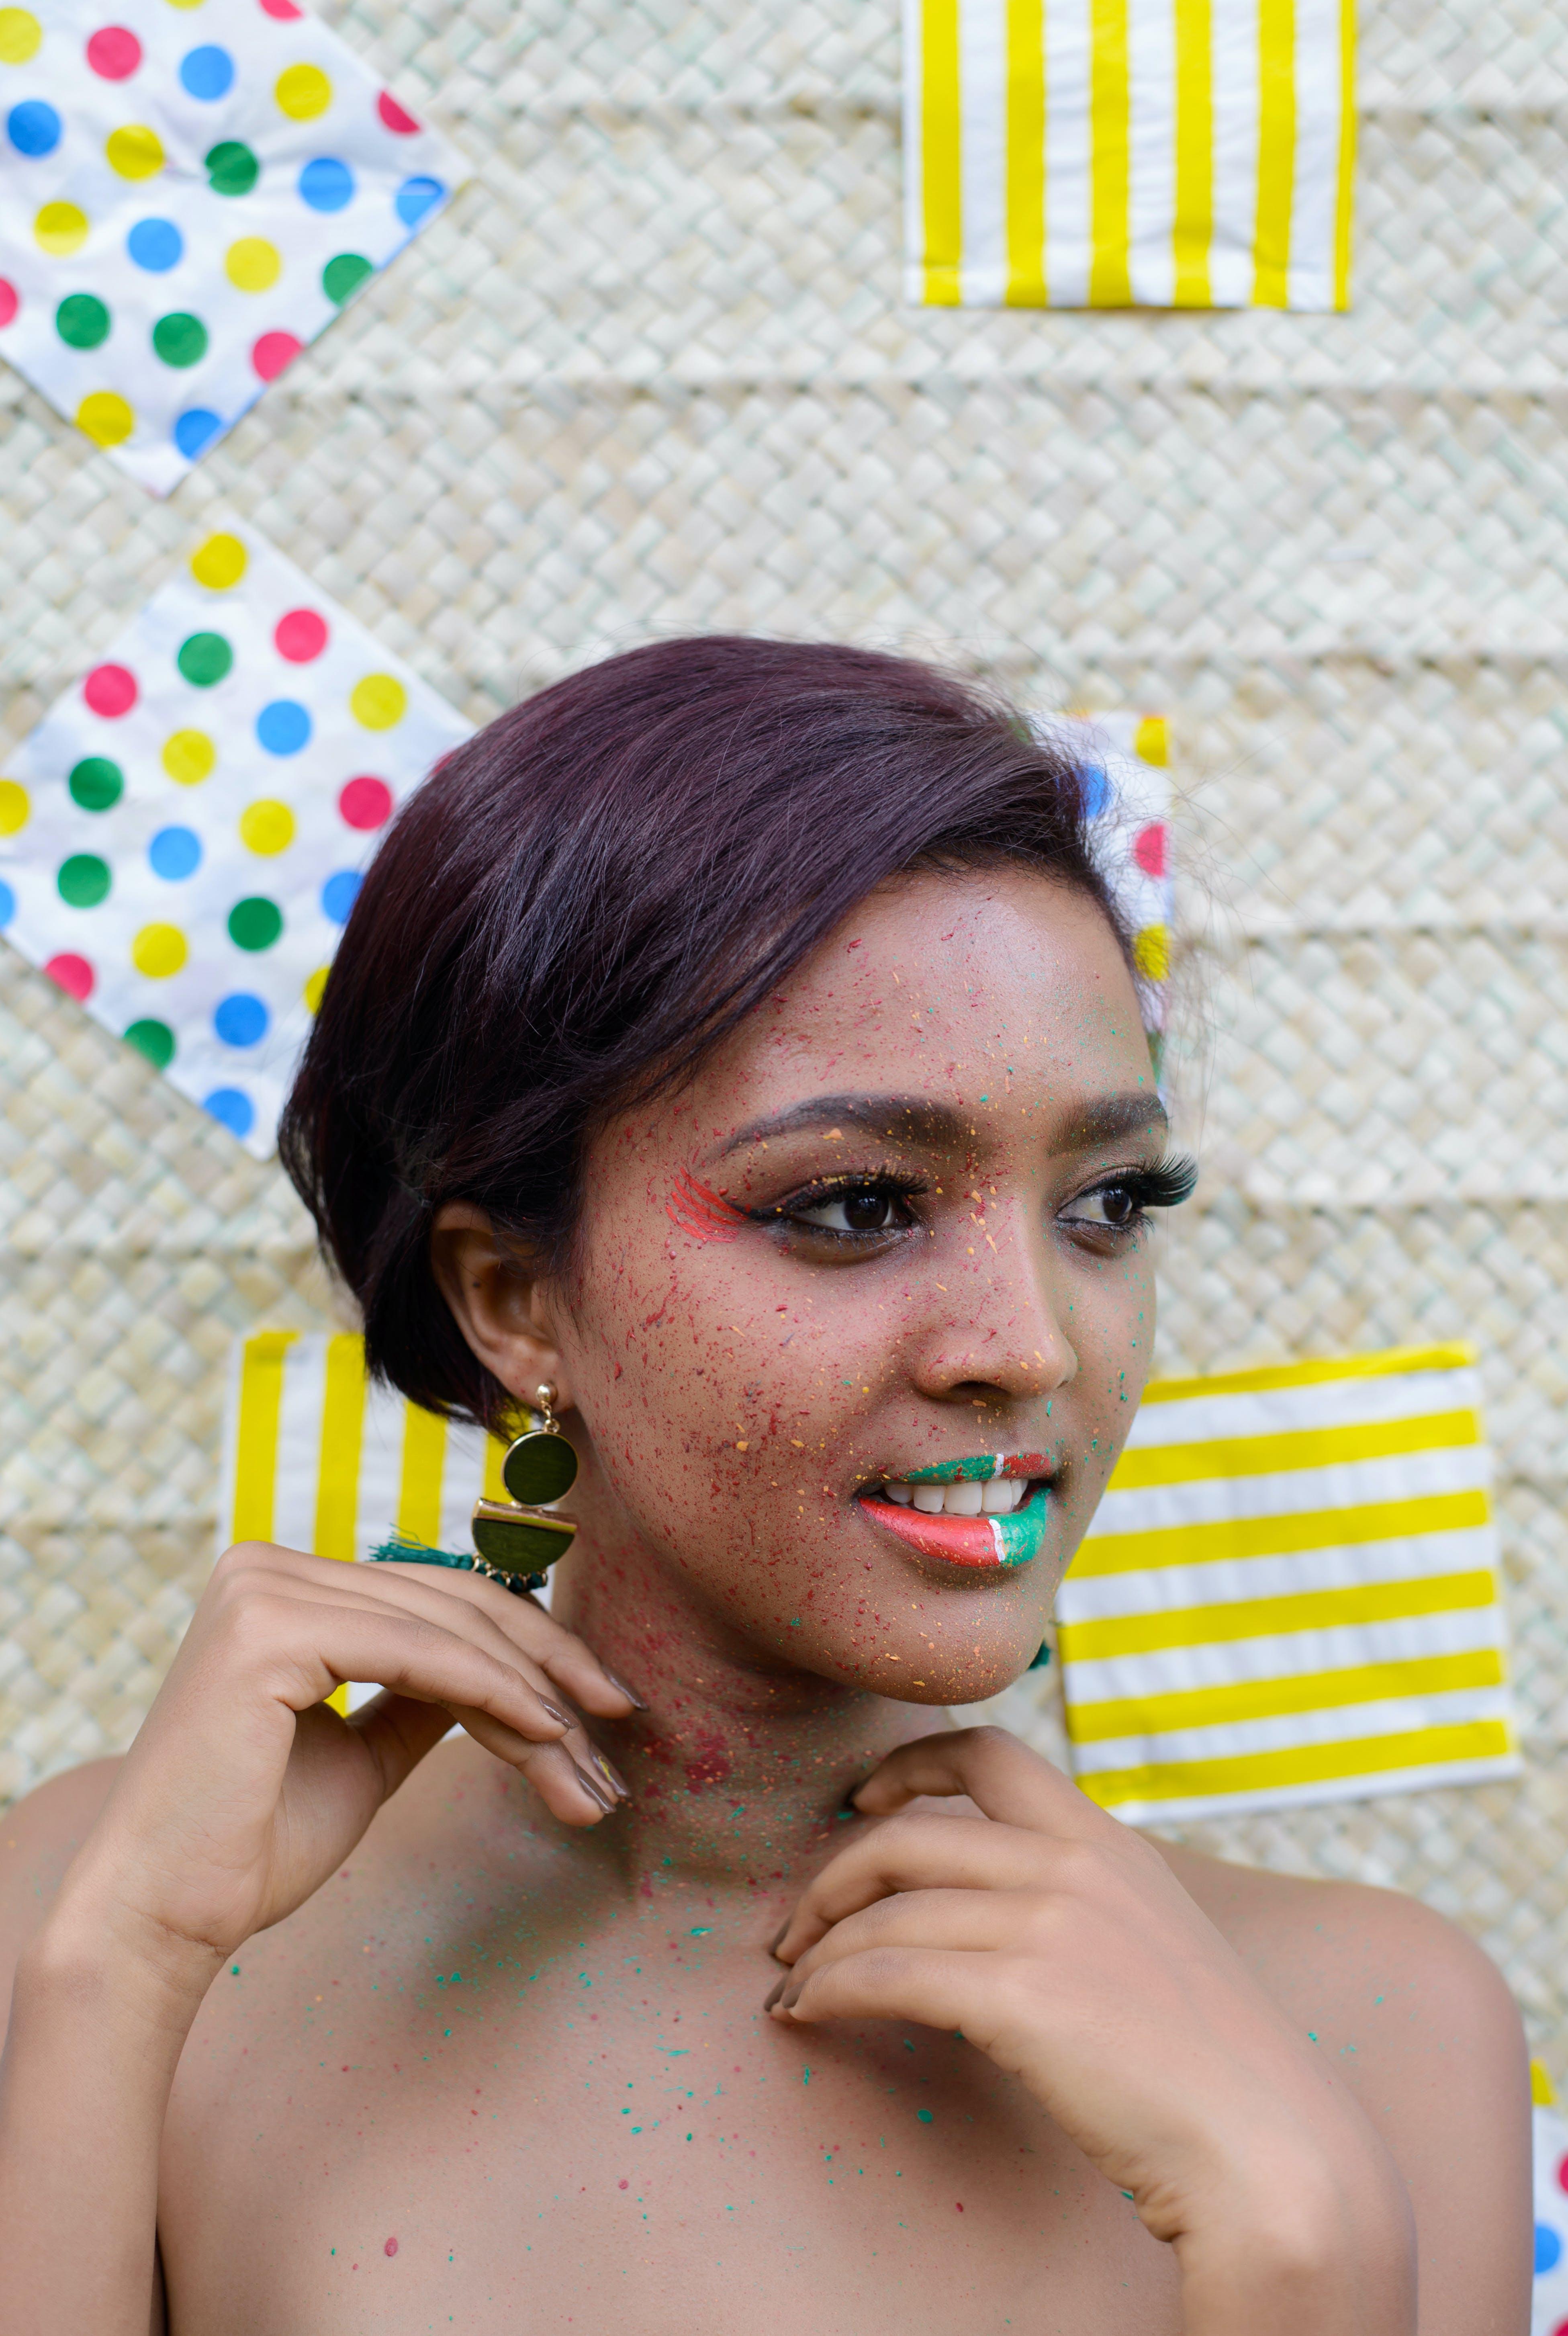 Woman Wearing Green Earrings